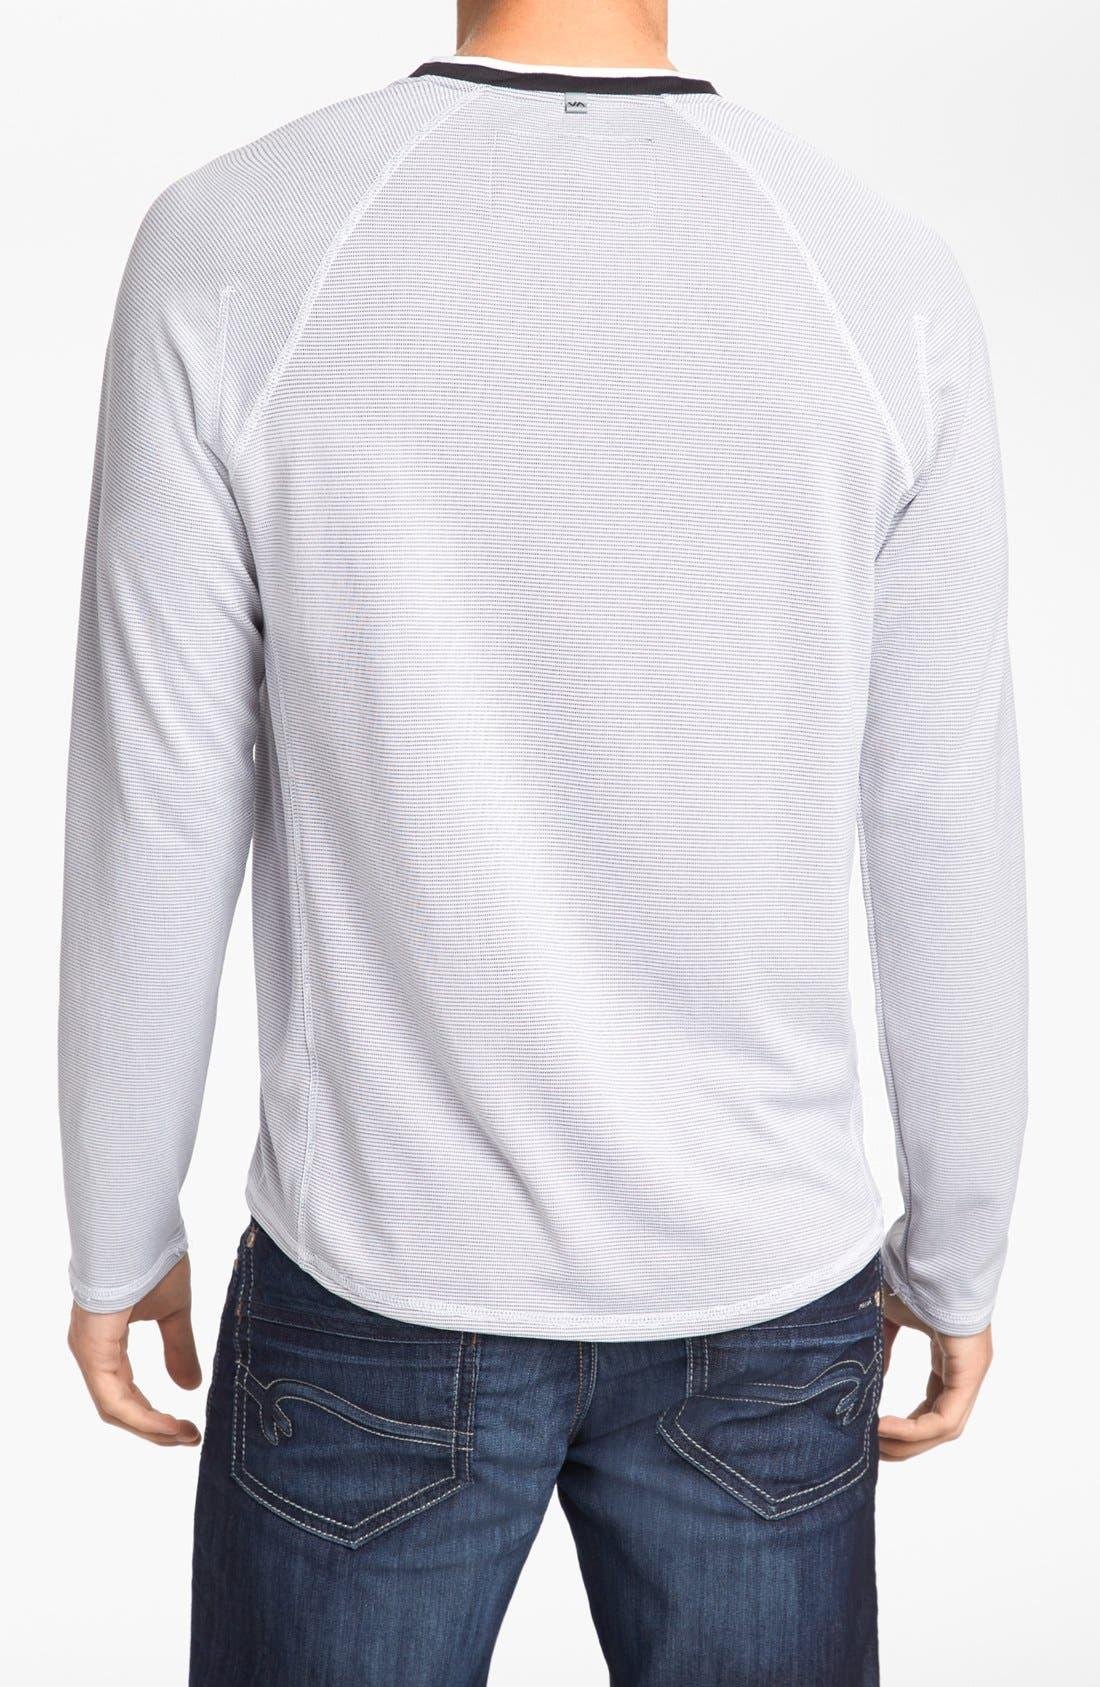 Alternate Image 2  - RVCA 'Fraction' Long Sleeve V-Neck T-Shirt